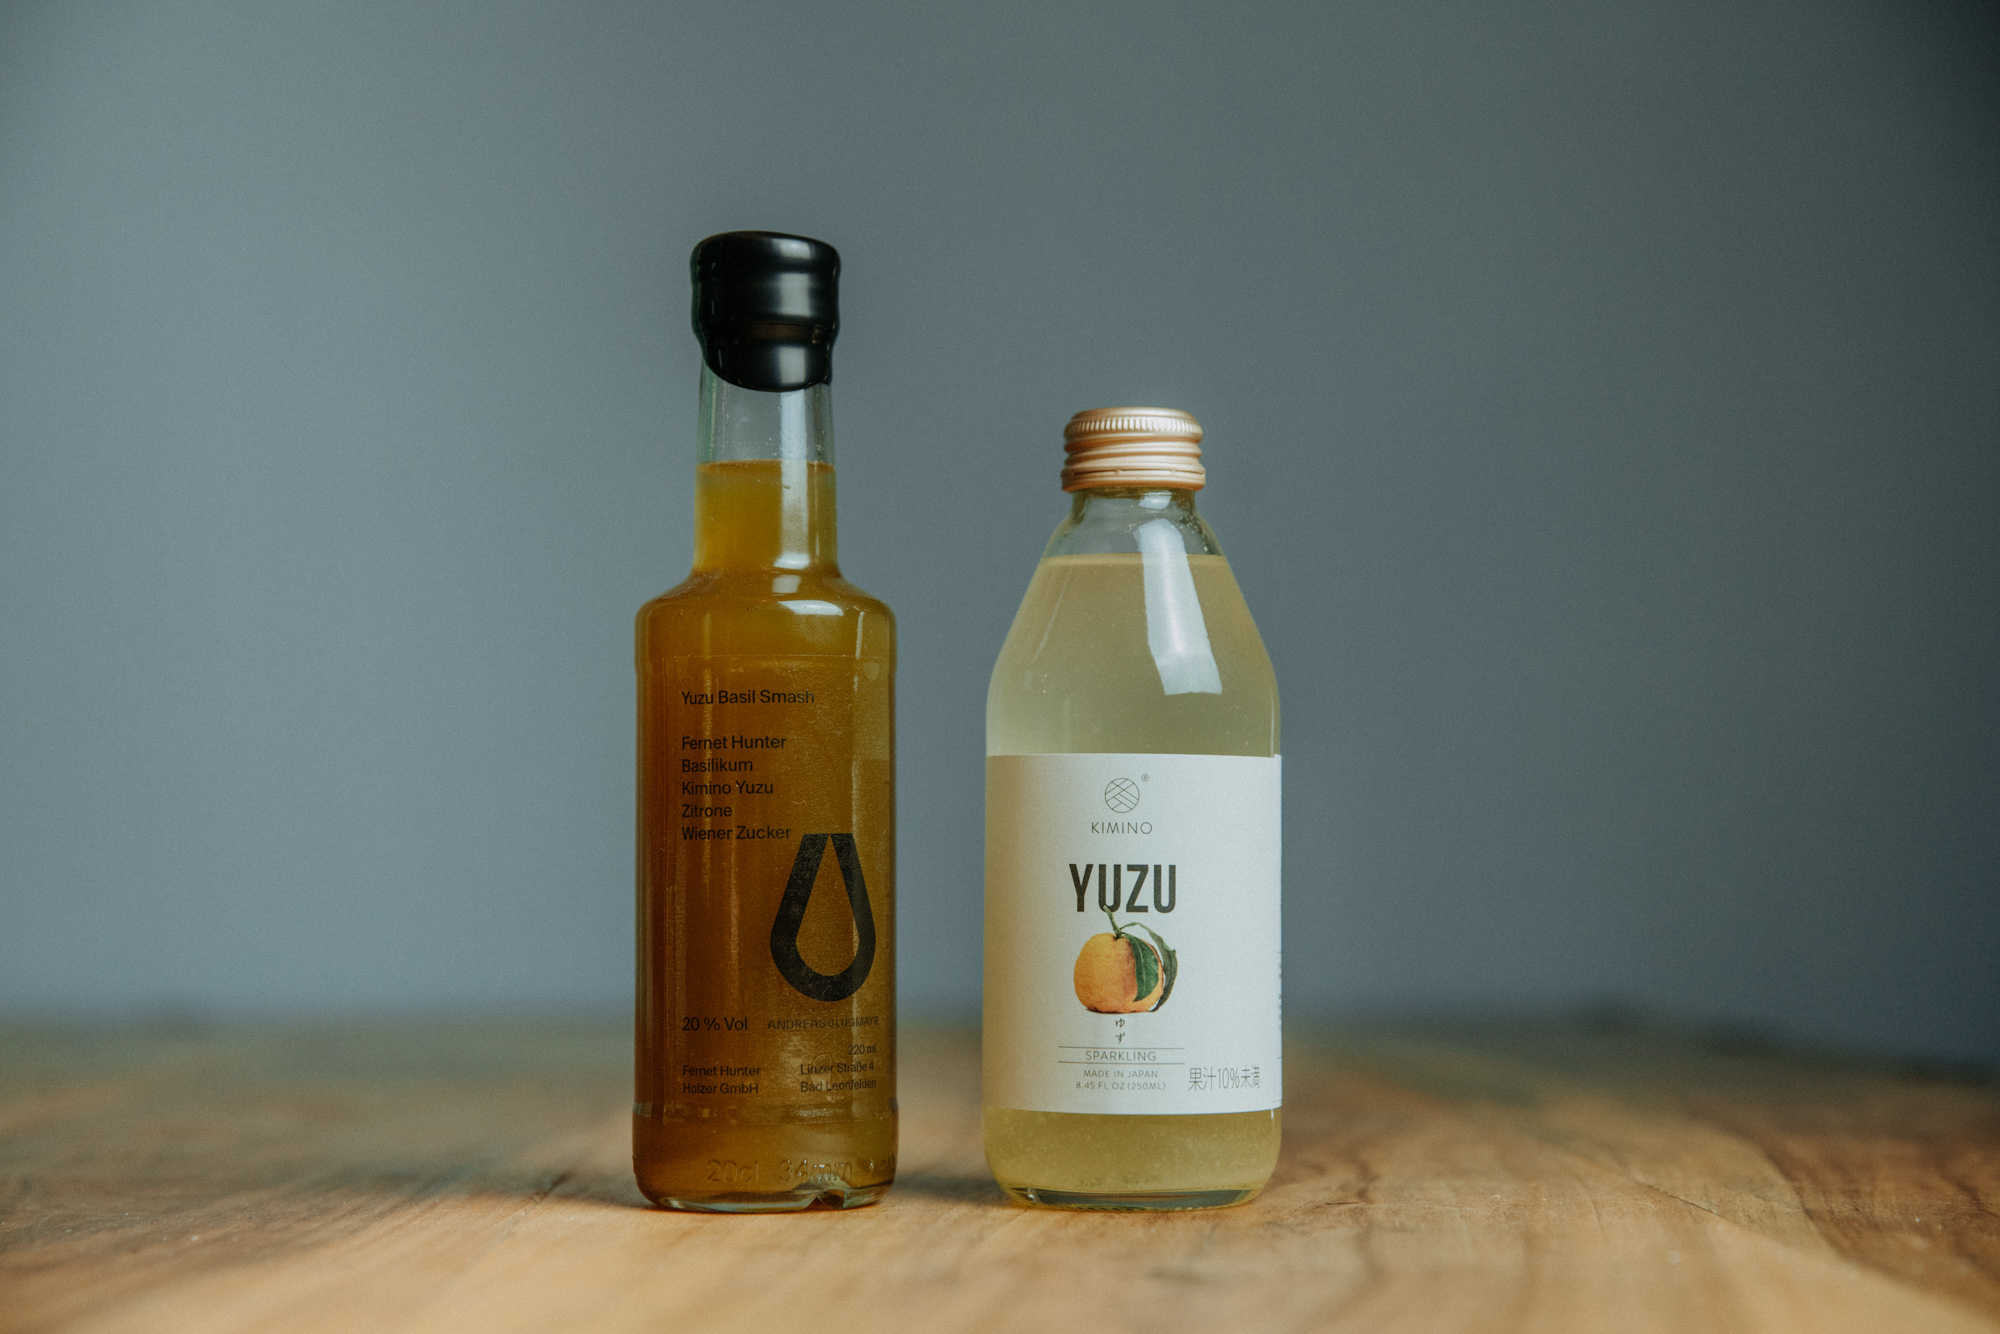 Andreas Lugmayr Bottled Cocktails Yuzu Basil Smash Kimino Abhohlen Lieferung Linz Österreich